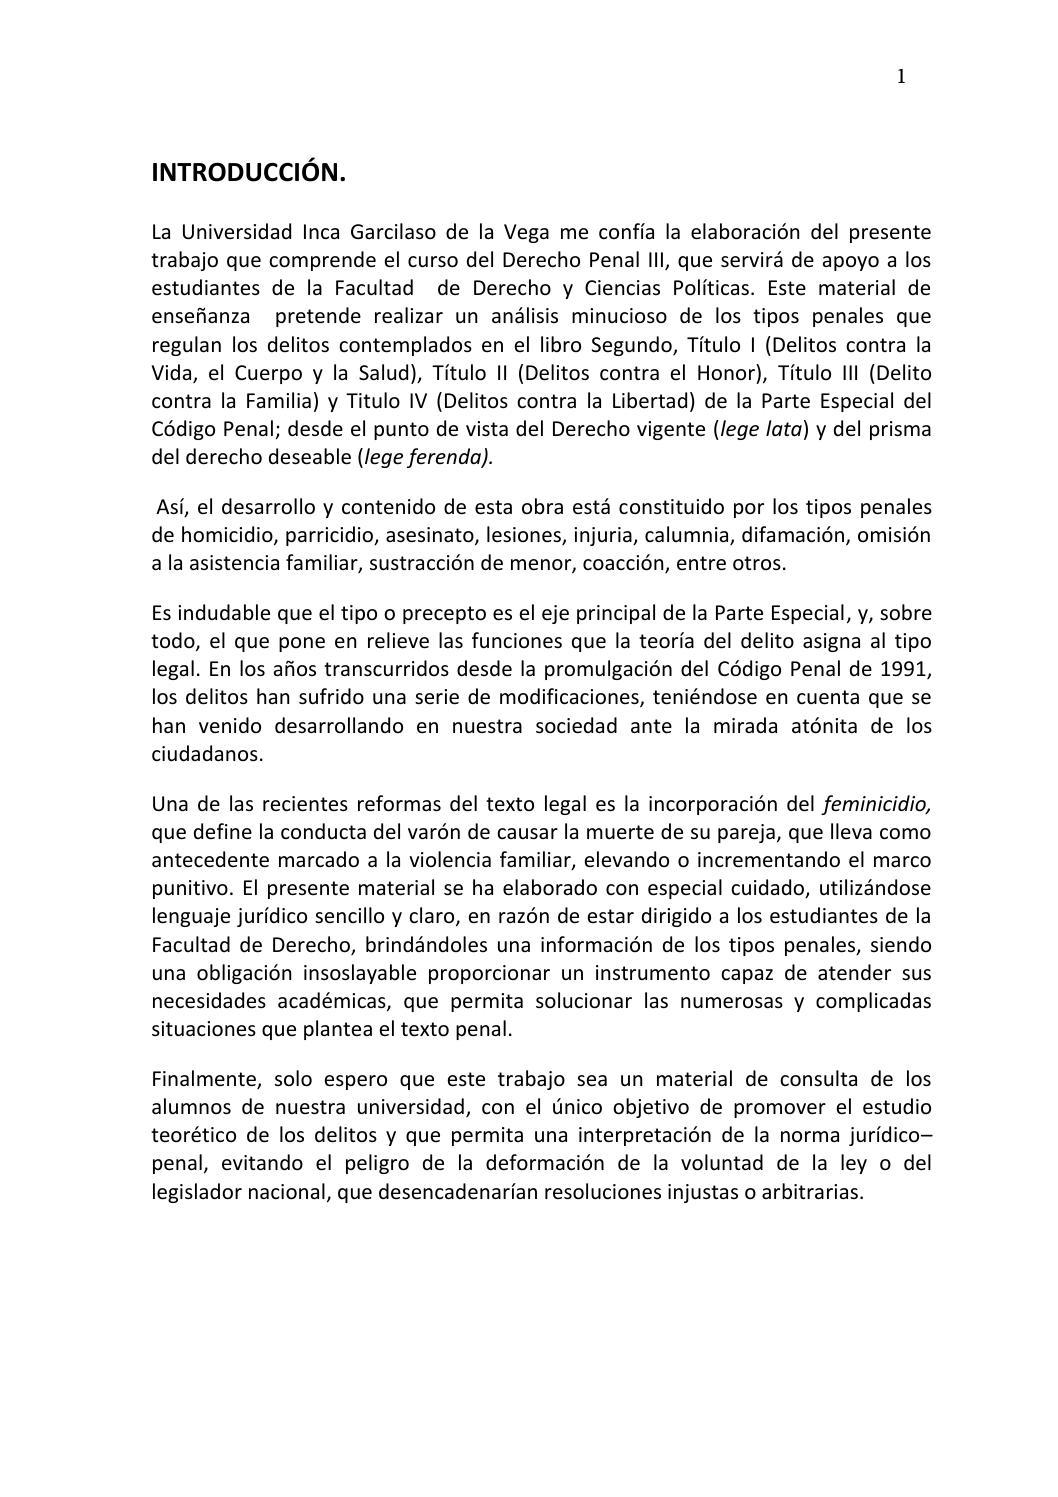 Introducción derecho penal pedro zumaeta by Plataforma Derecho - issuu